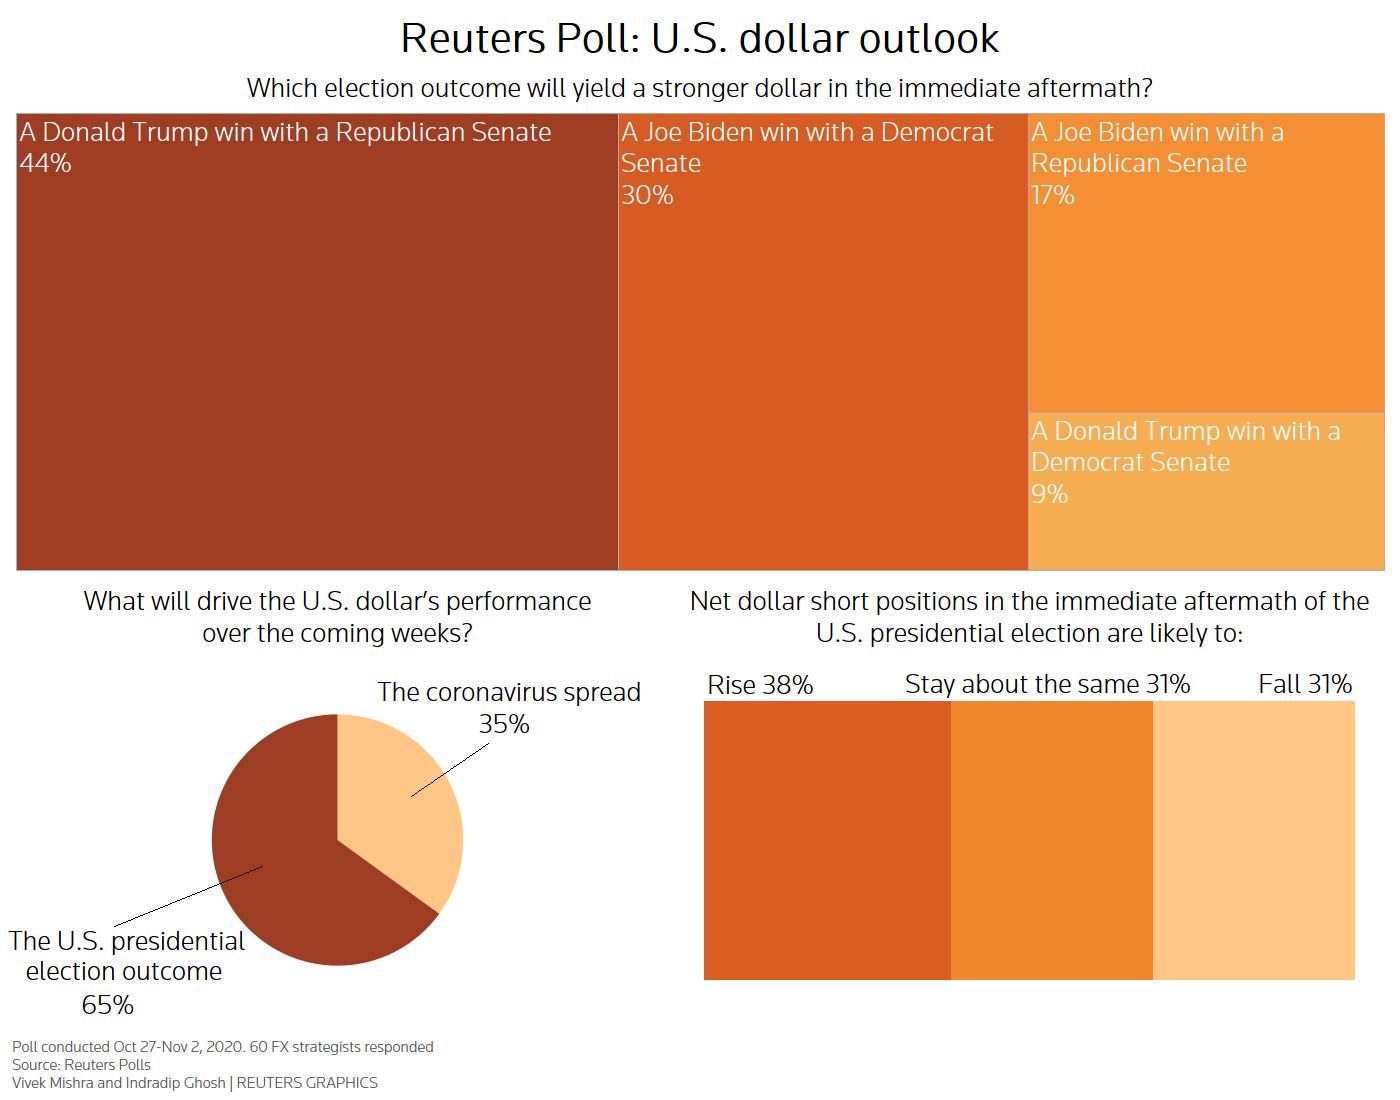 https://fingfx.thomsonreuters.com/gfx/polling/gjnvwldgbpw/Reuters%20foreign%20exchange%20poll%20-%20November%202020.png